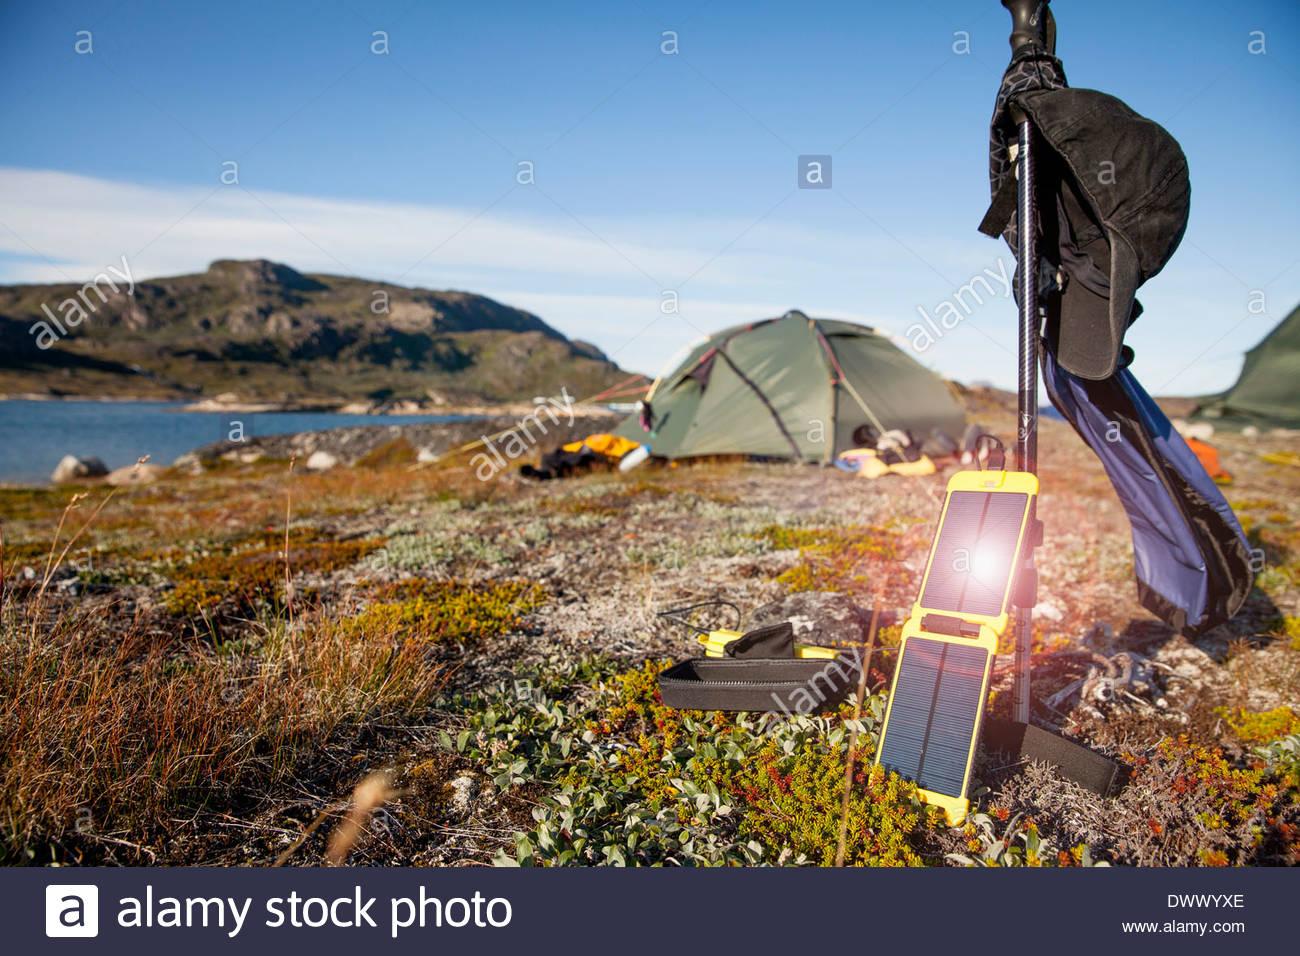 Solar-Ladegerät mit Zelt im Hintergrund auf Campingplatz Stockbild